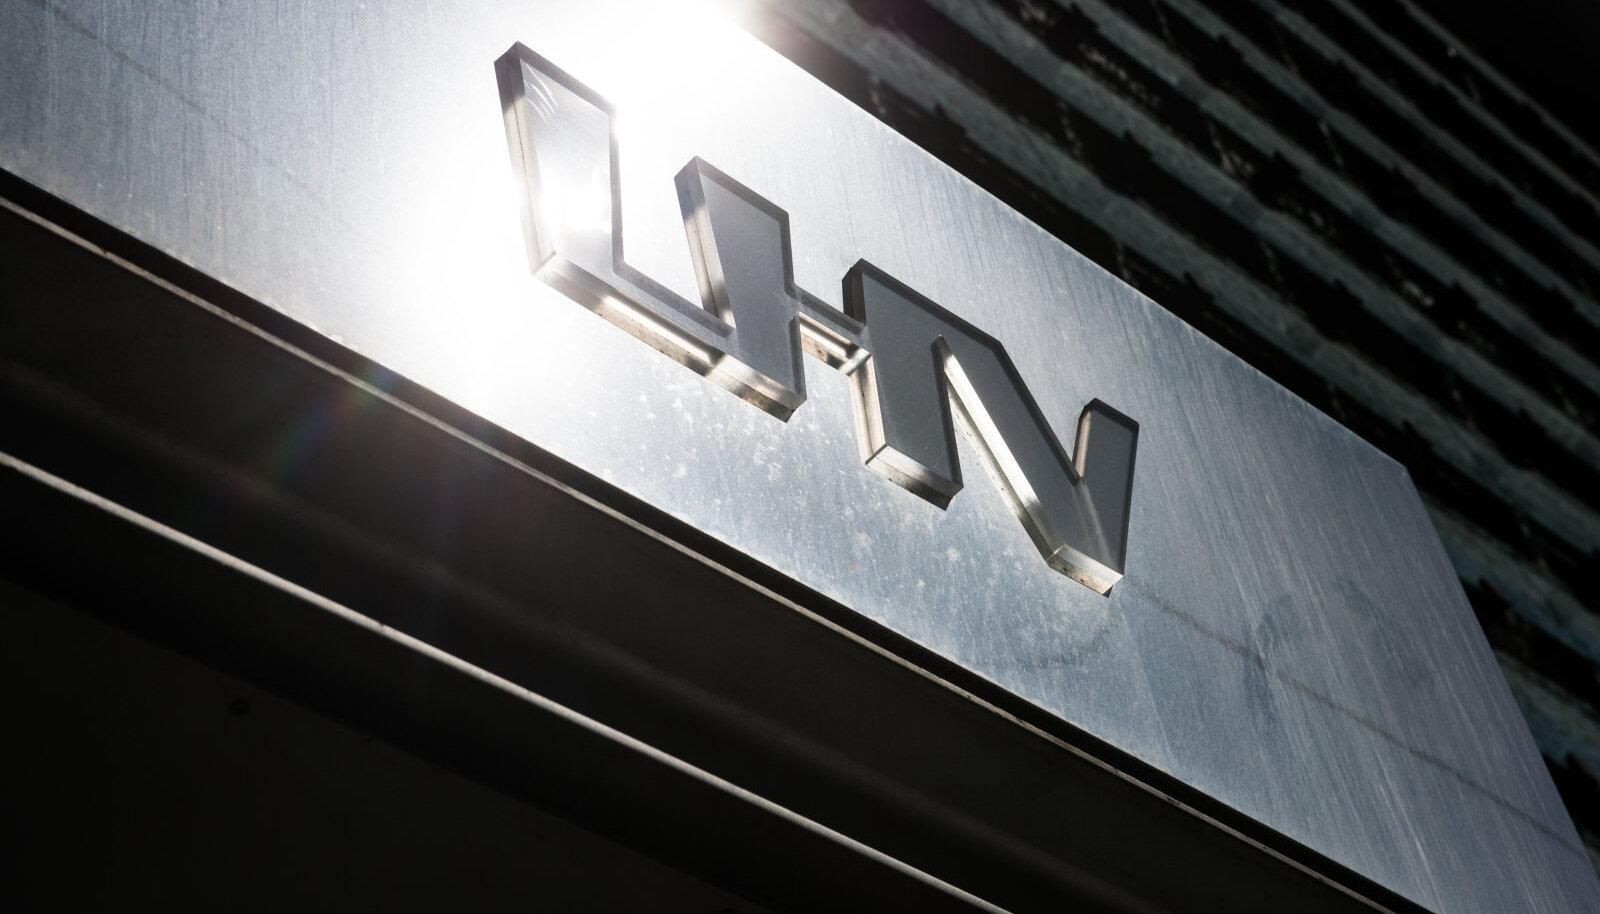 LHV otsustas märkimisõigustega tekkinud kahjud klientidele kompenseerimata jätta.